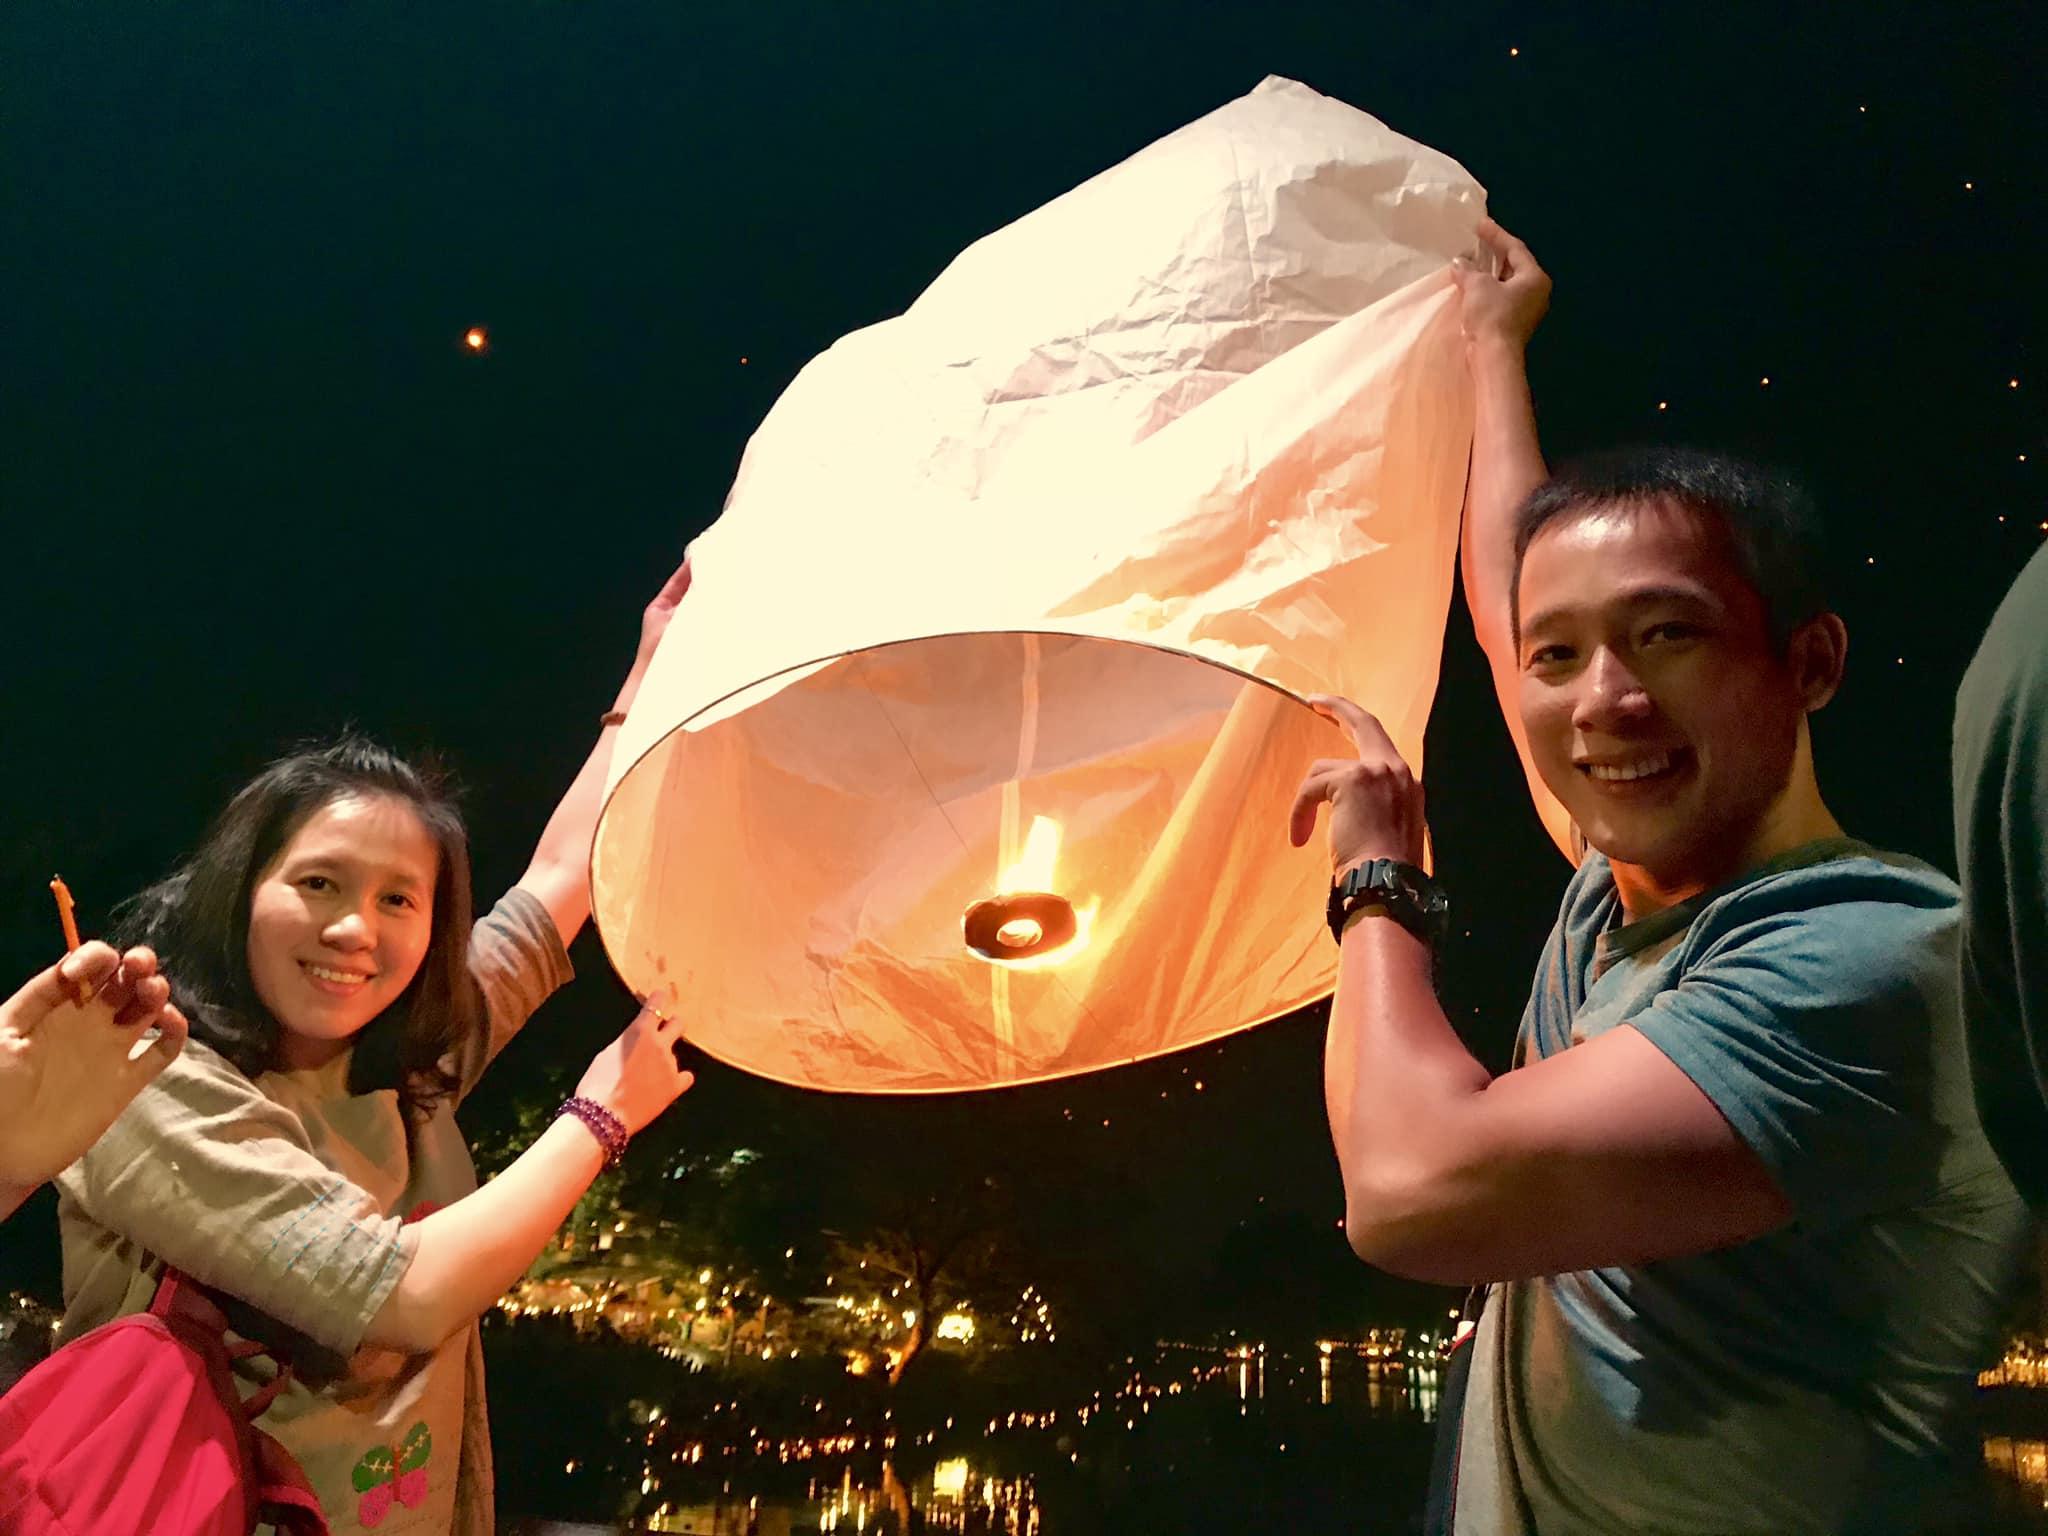 thailand_le-hoi-den-troi-chiang-mai-02